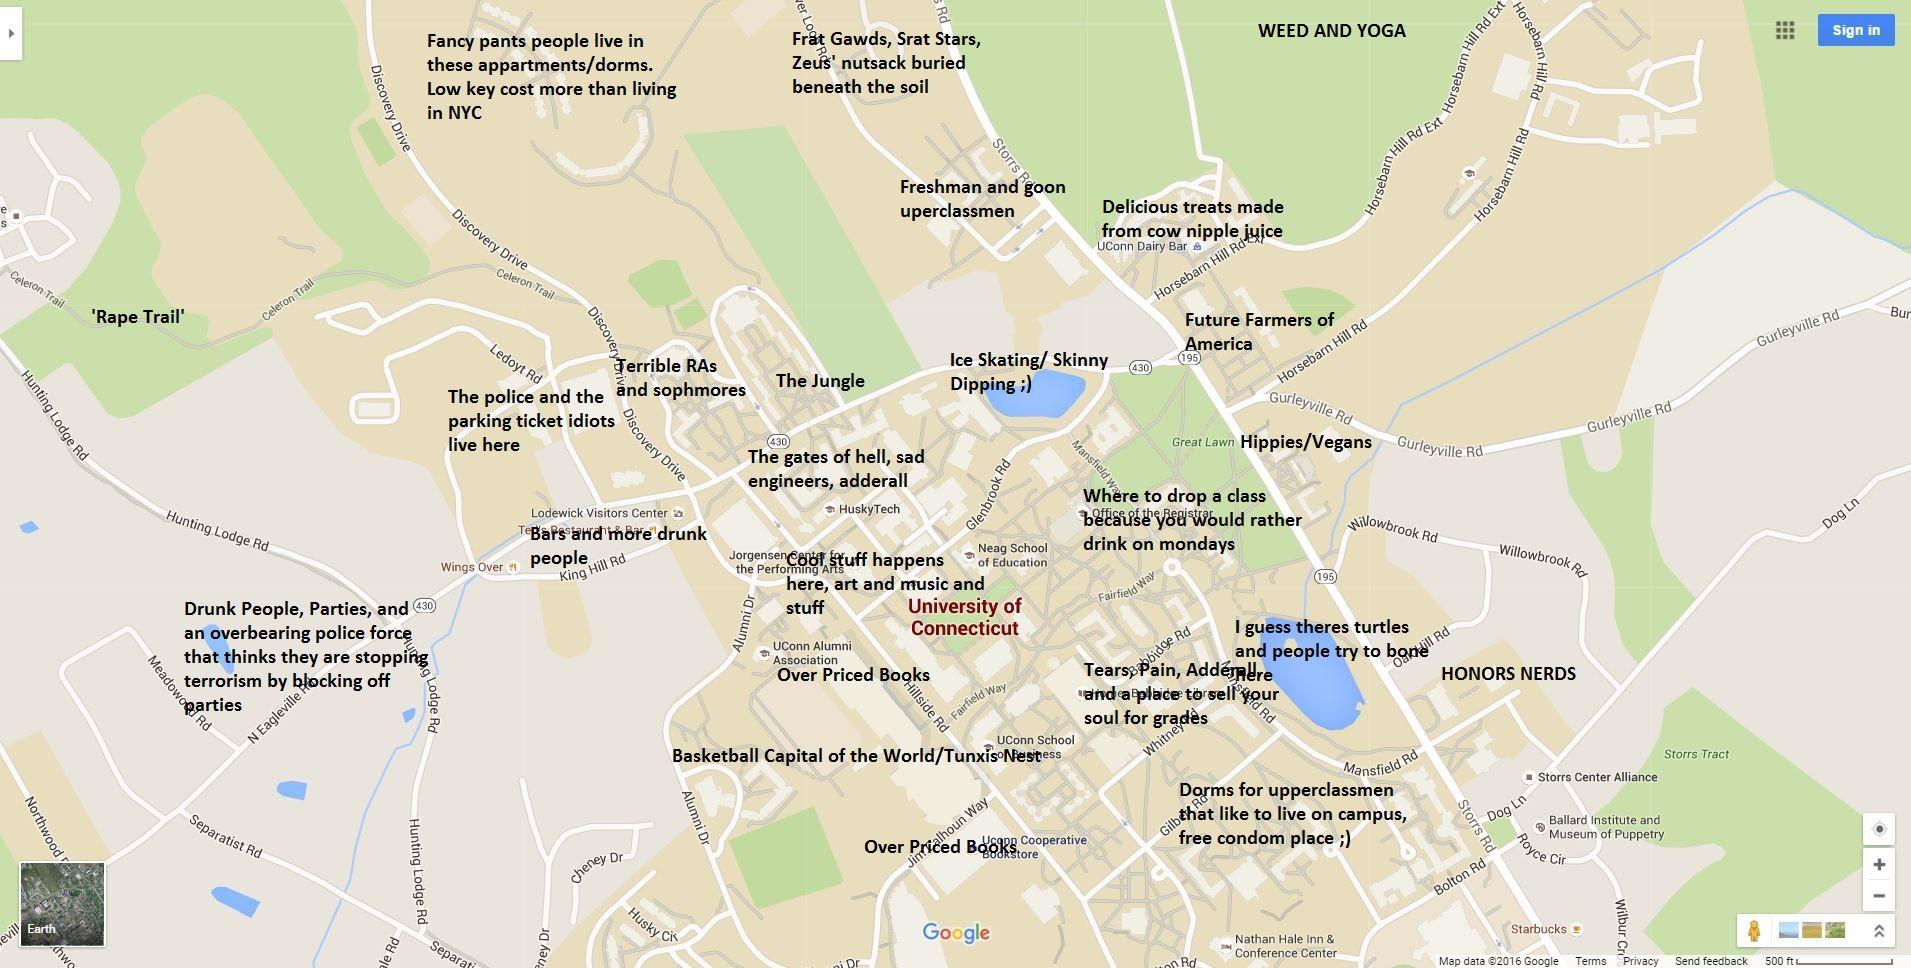 UConn: http://theblacksheeponline.com/uconn/a-judgmental-map-of-storrs-ct